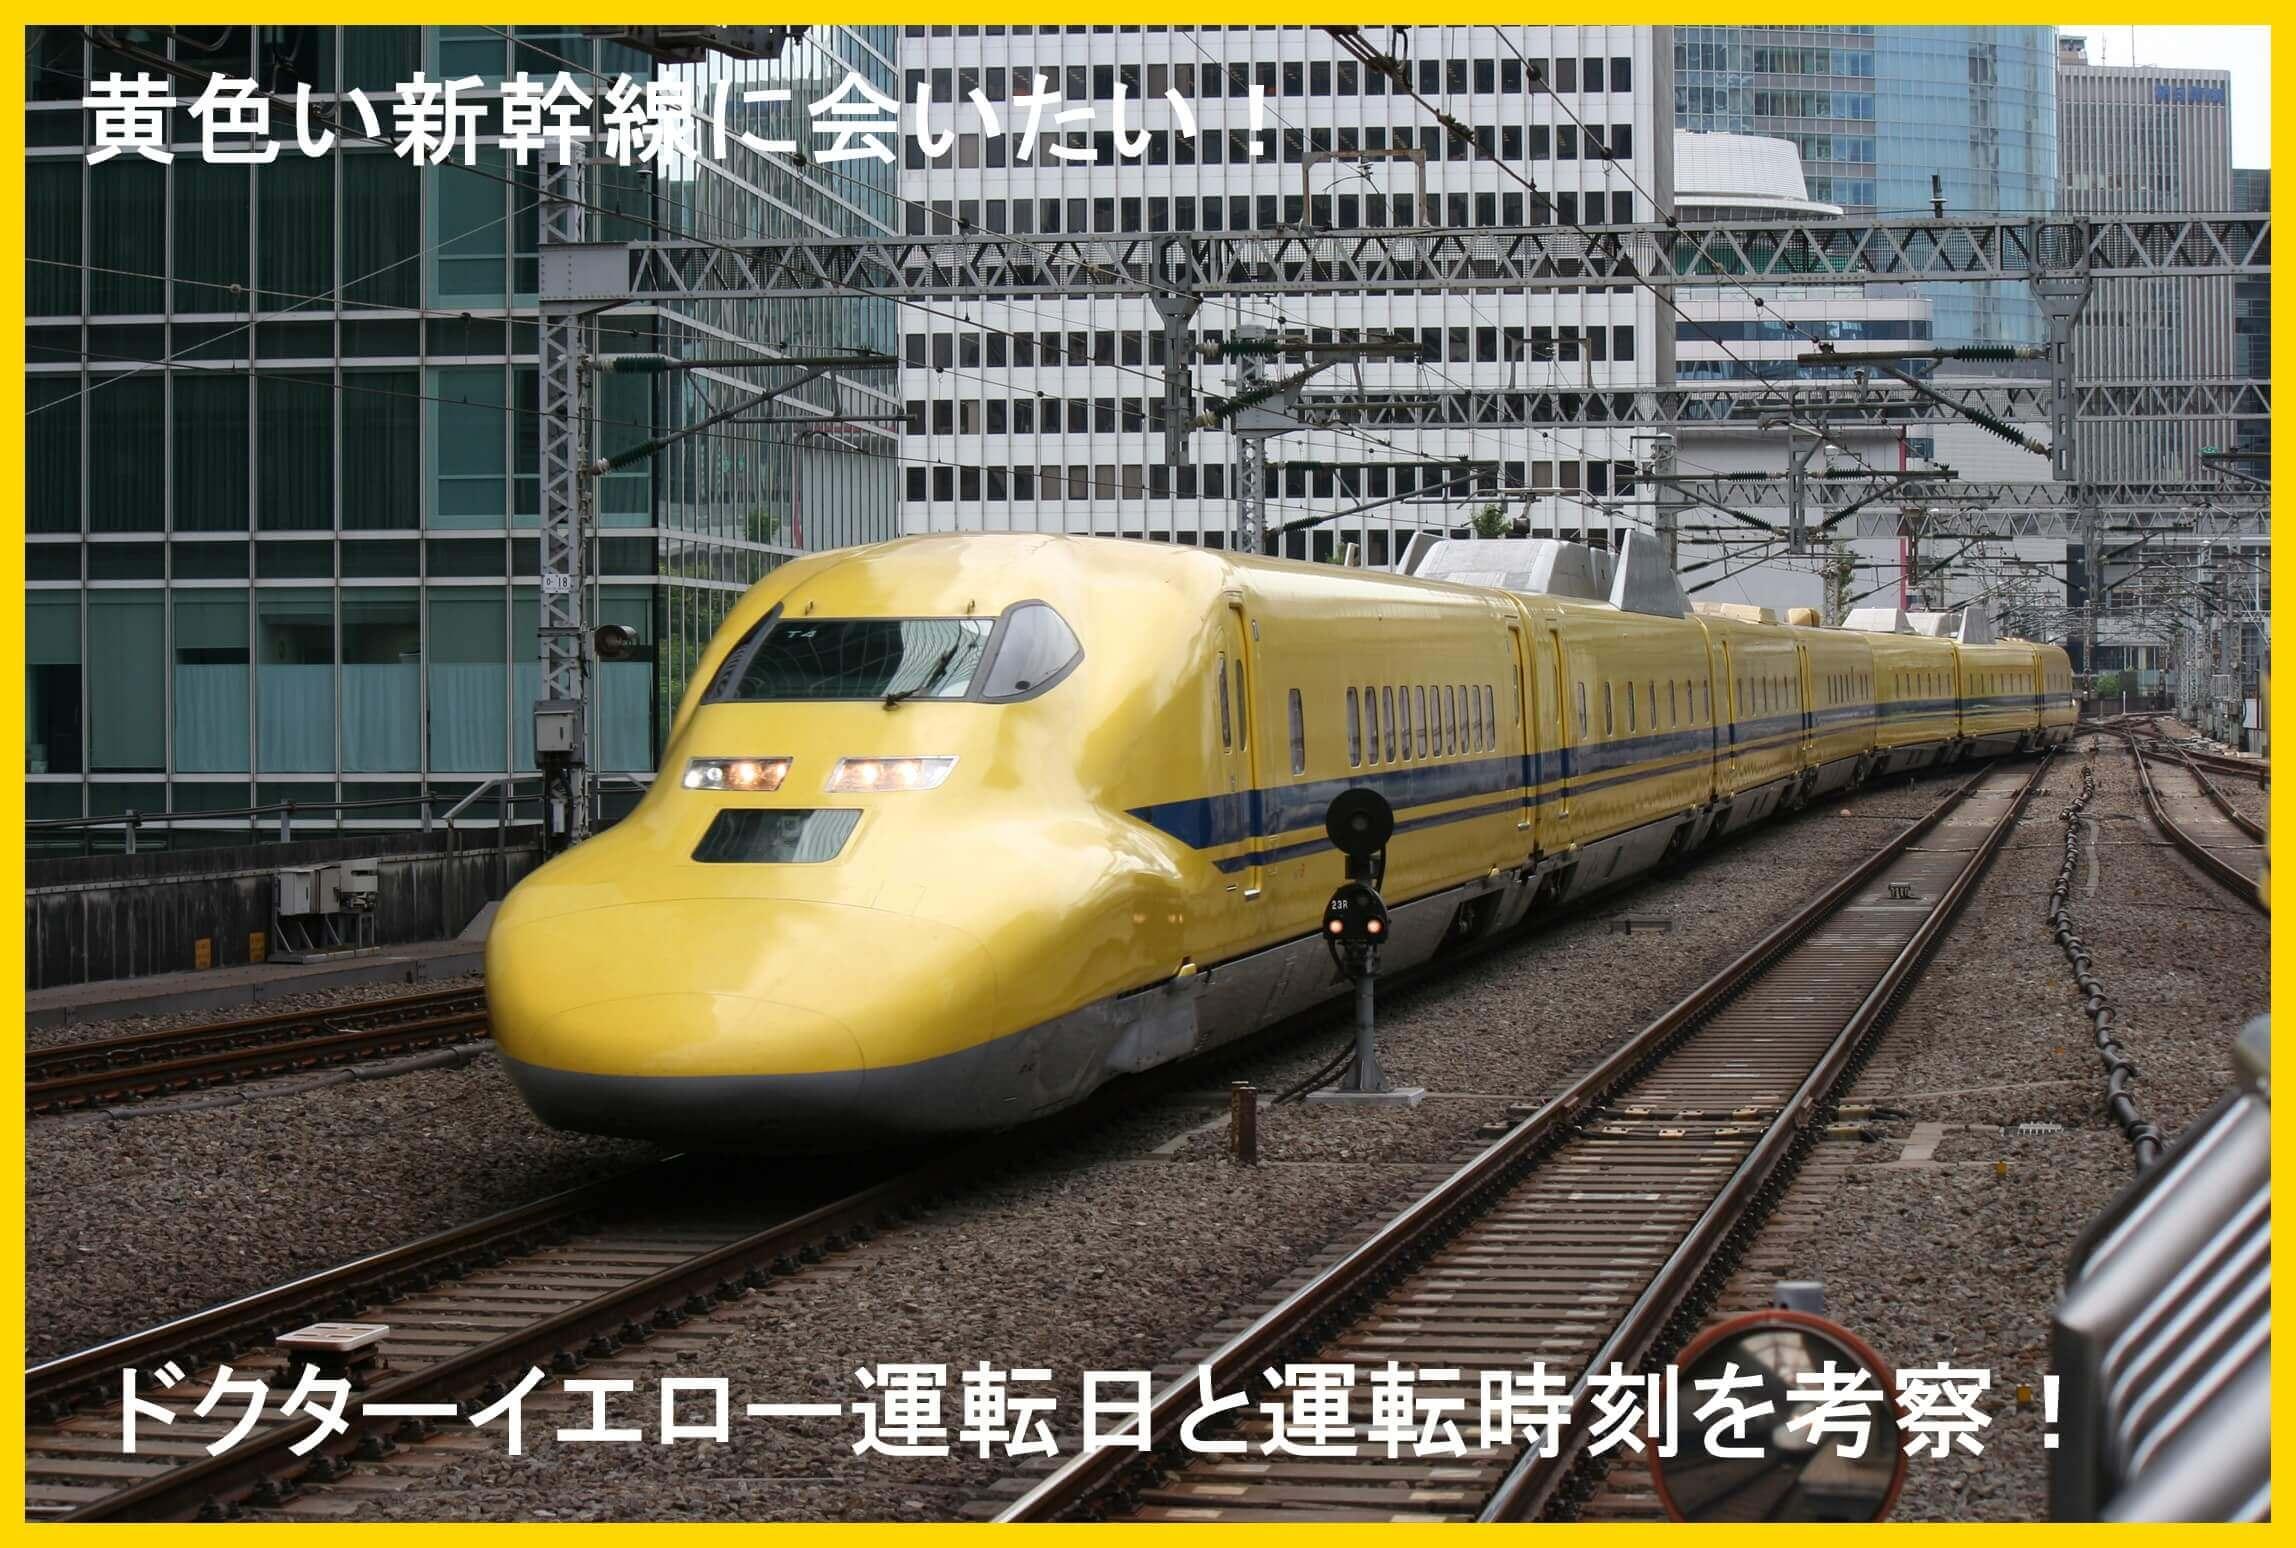 黄色い新幹線に会いたい!ドクターイエロー運転日と運転時刻を考察!